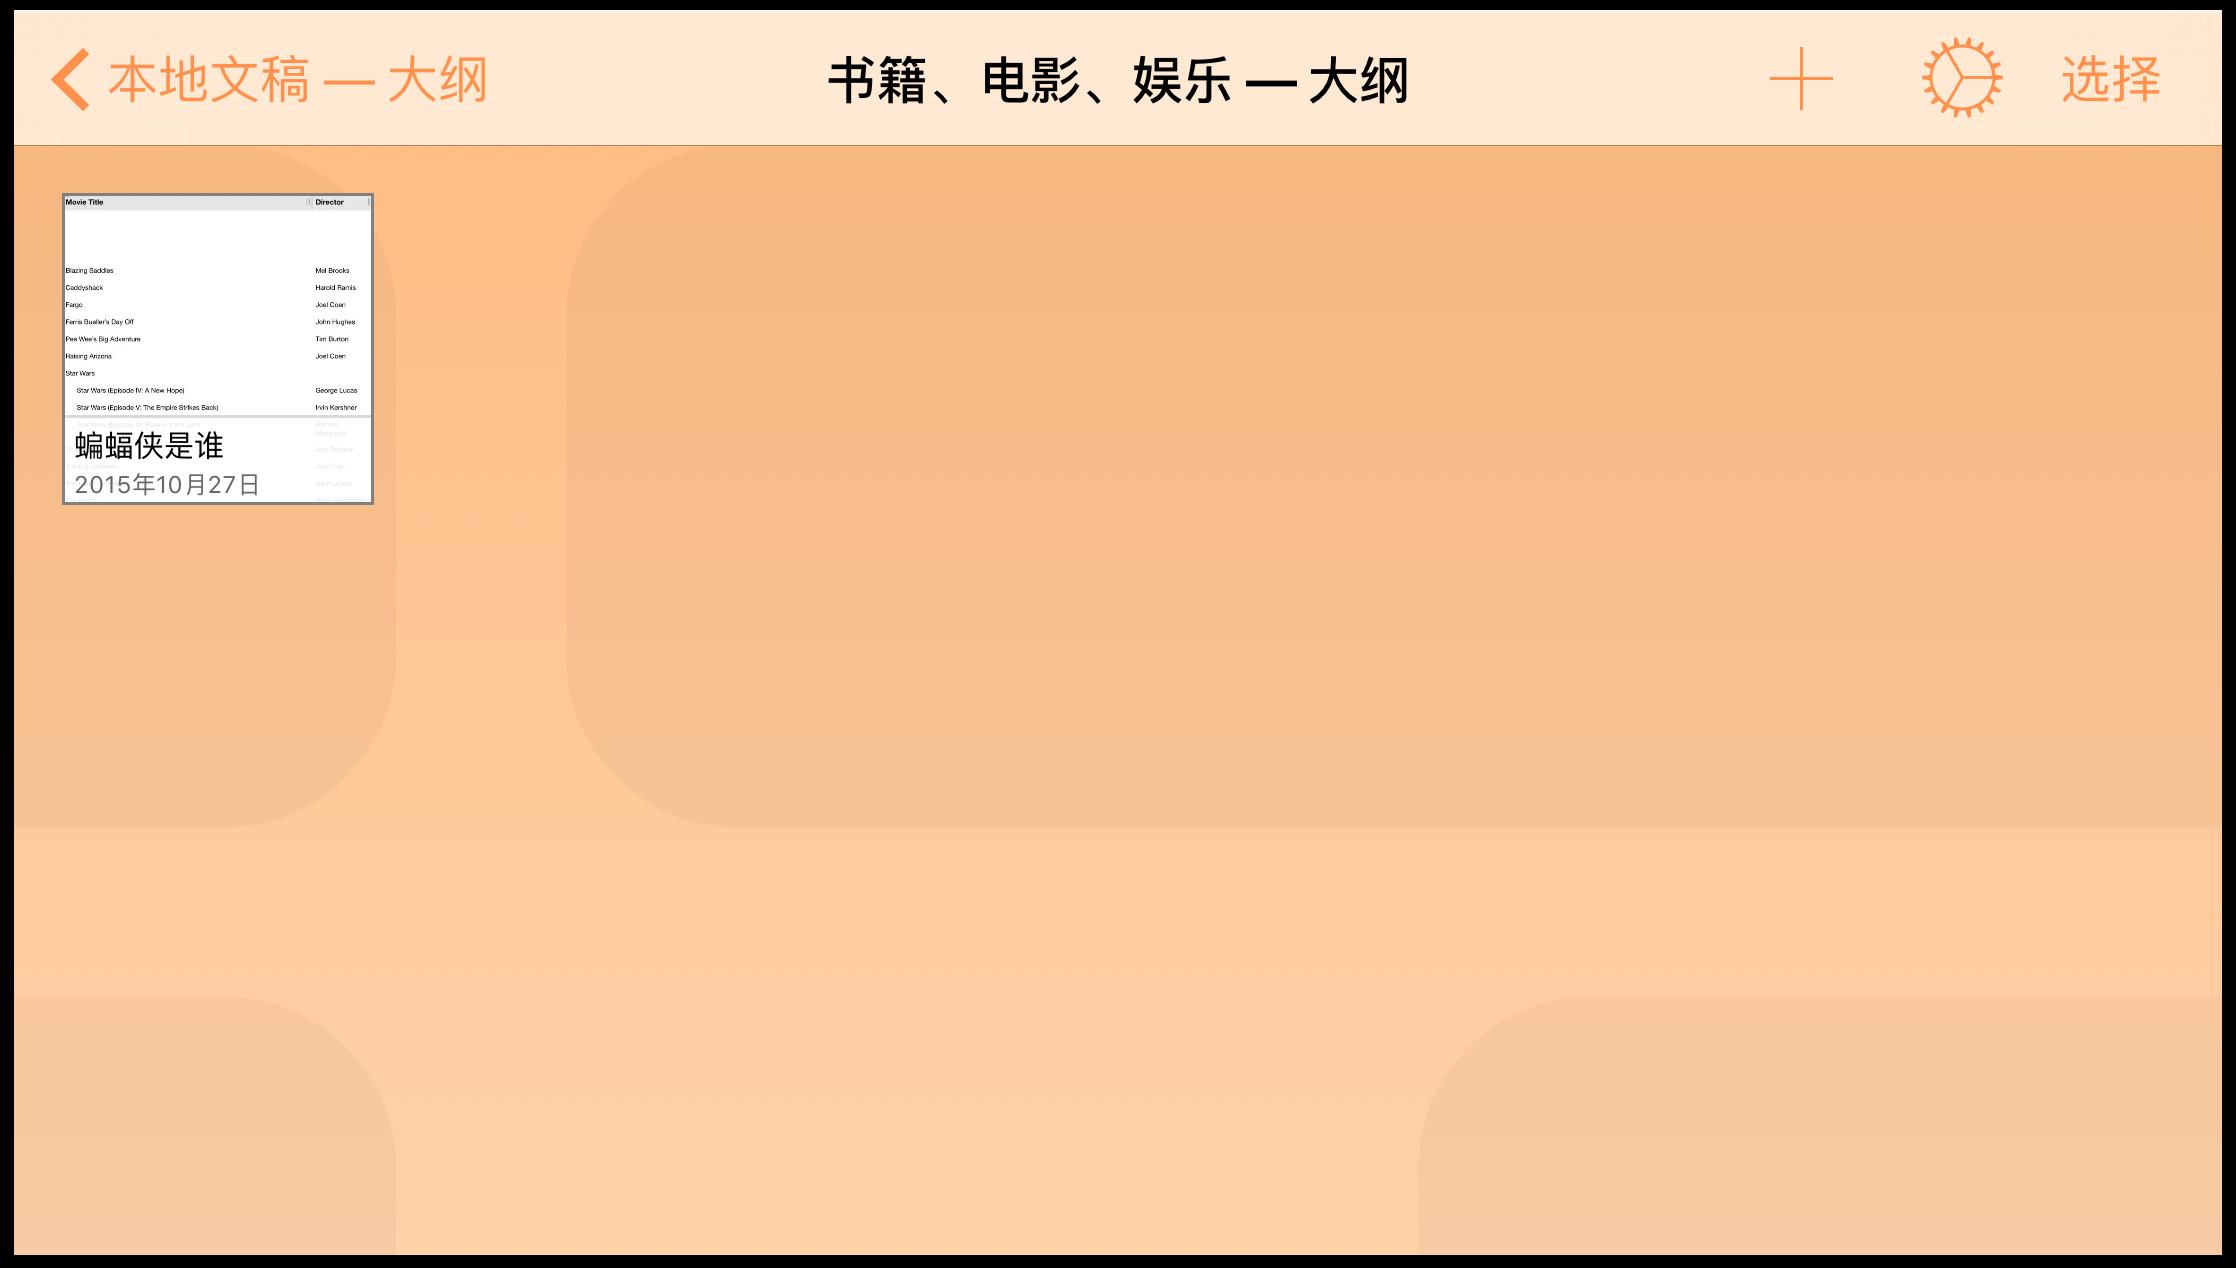 轻按可打开子文件夹,然后轻按要在 OmniOutliner 中打开的文件。